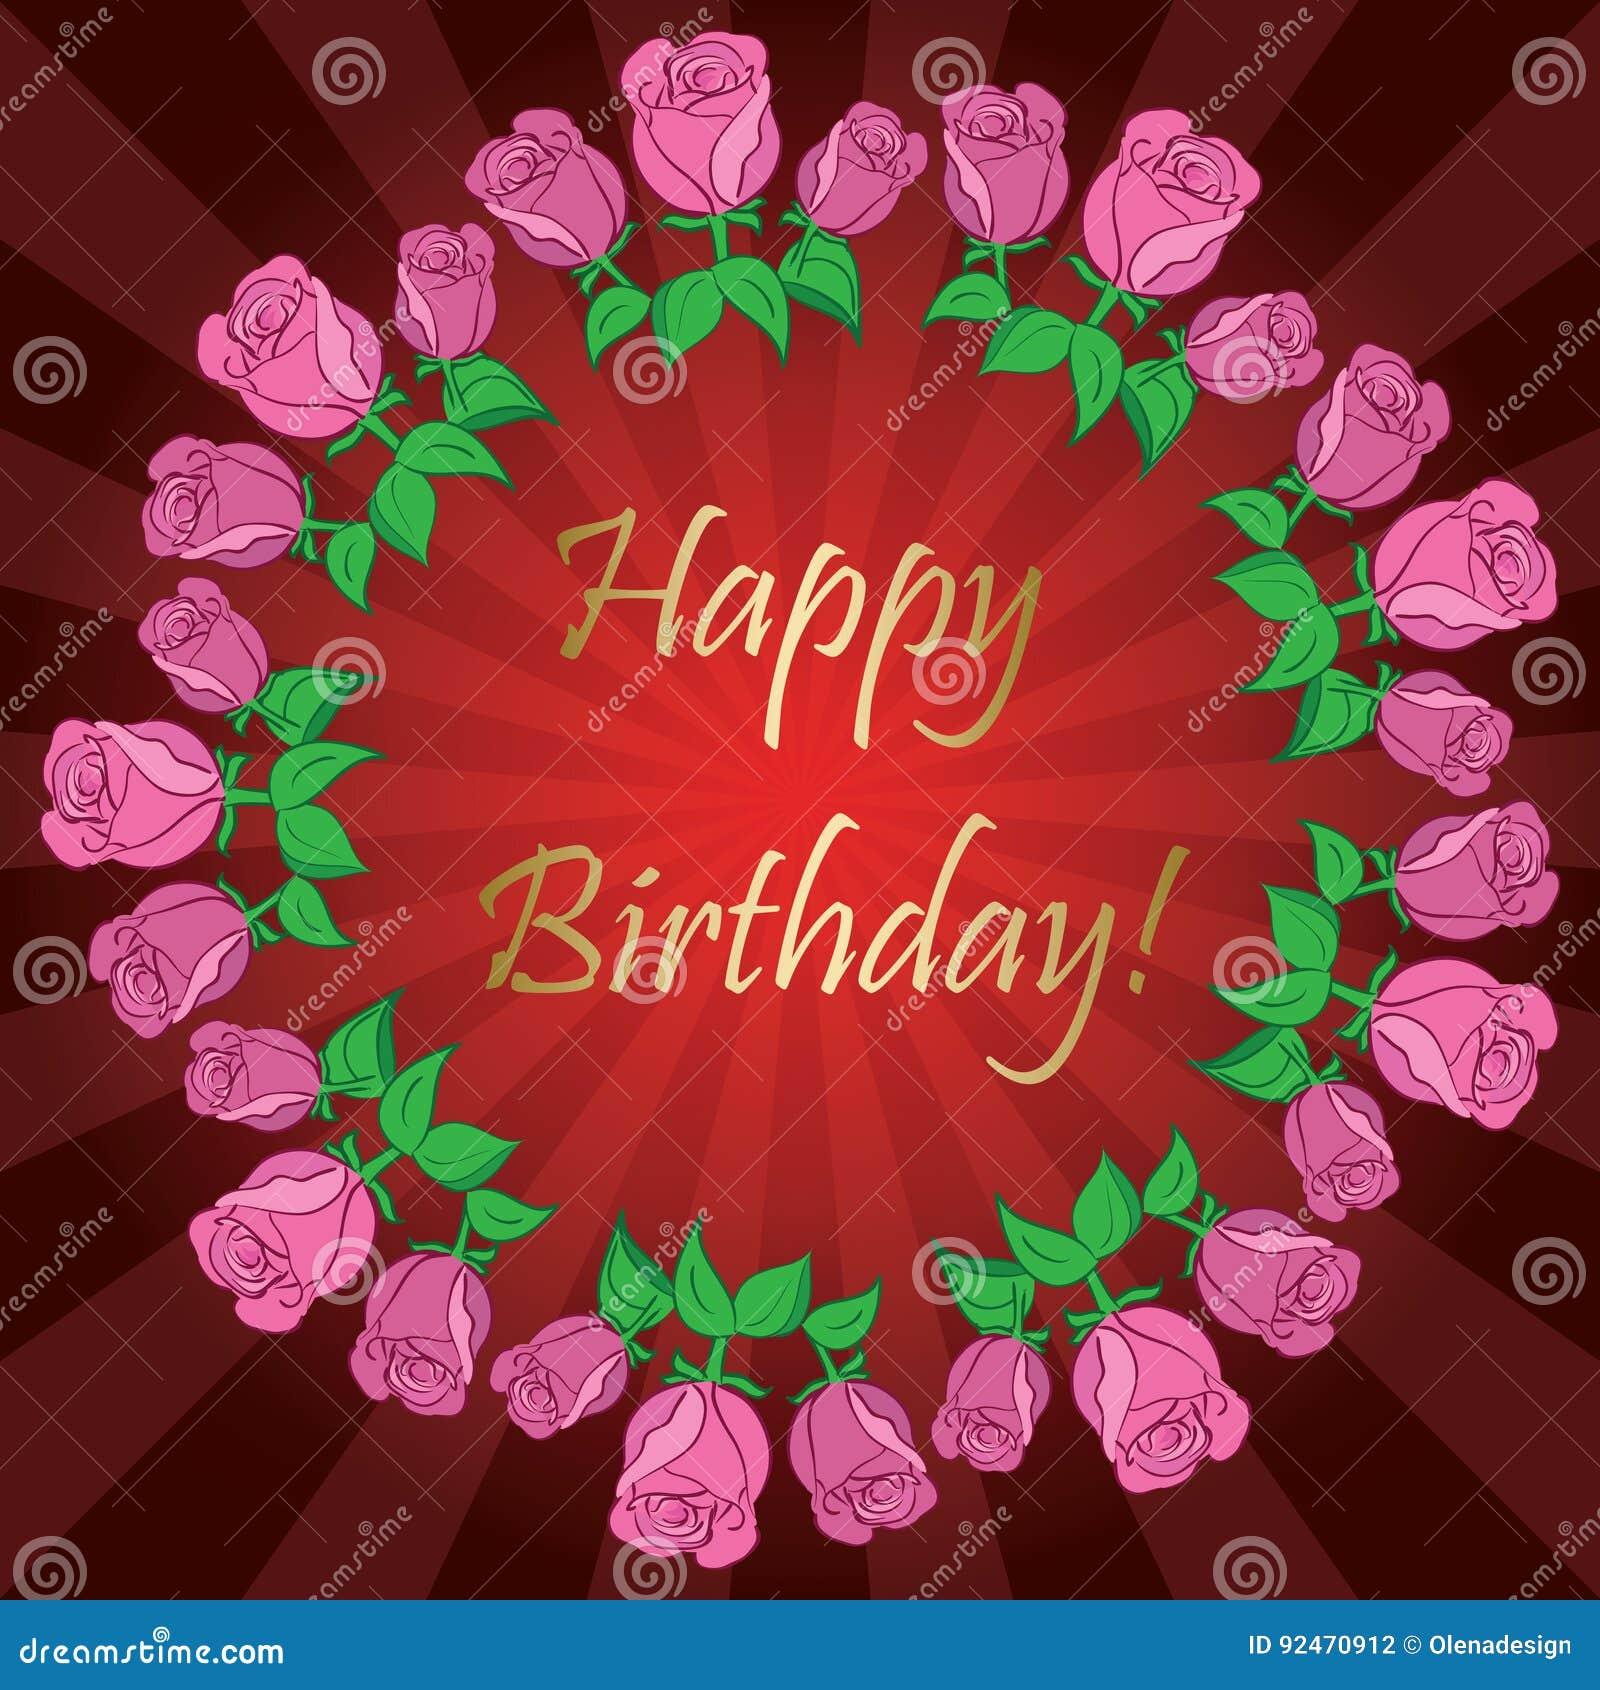 Alles Gute Zum Geburtstag - Roter Hintergrund Mit Strahlen Und ...